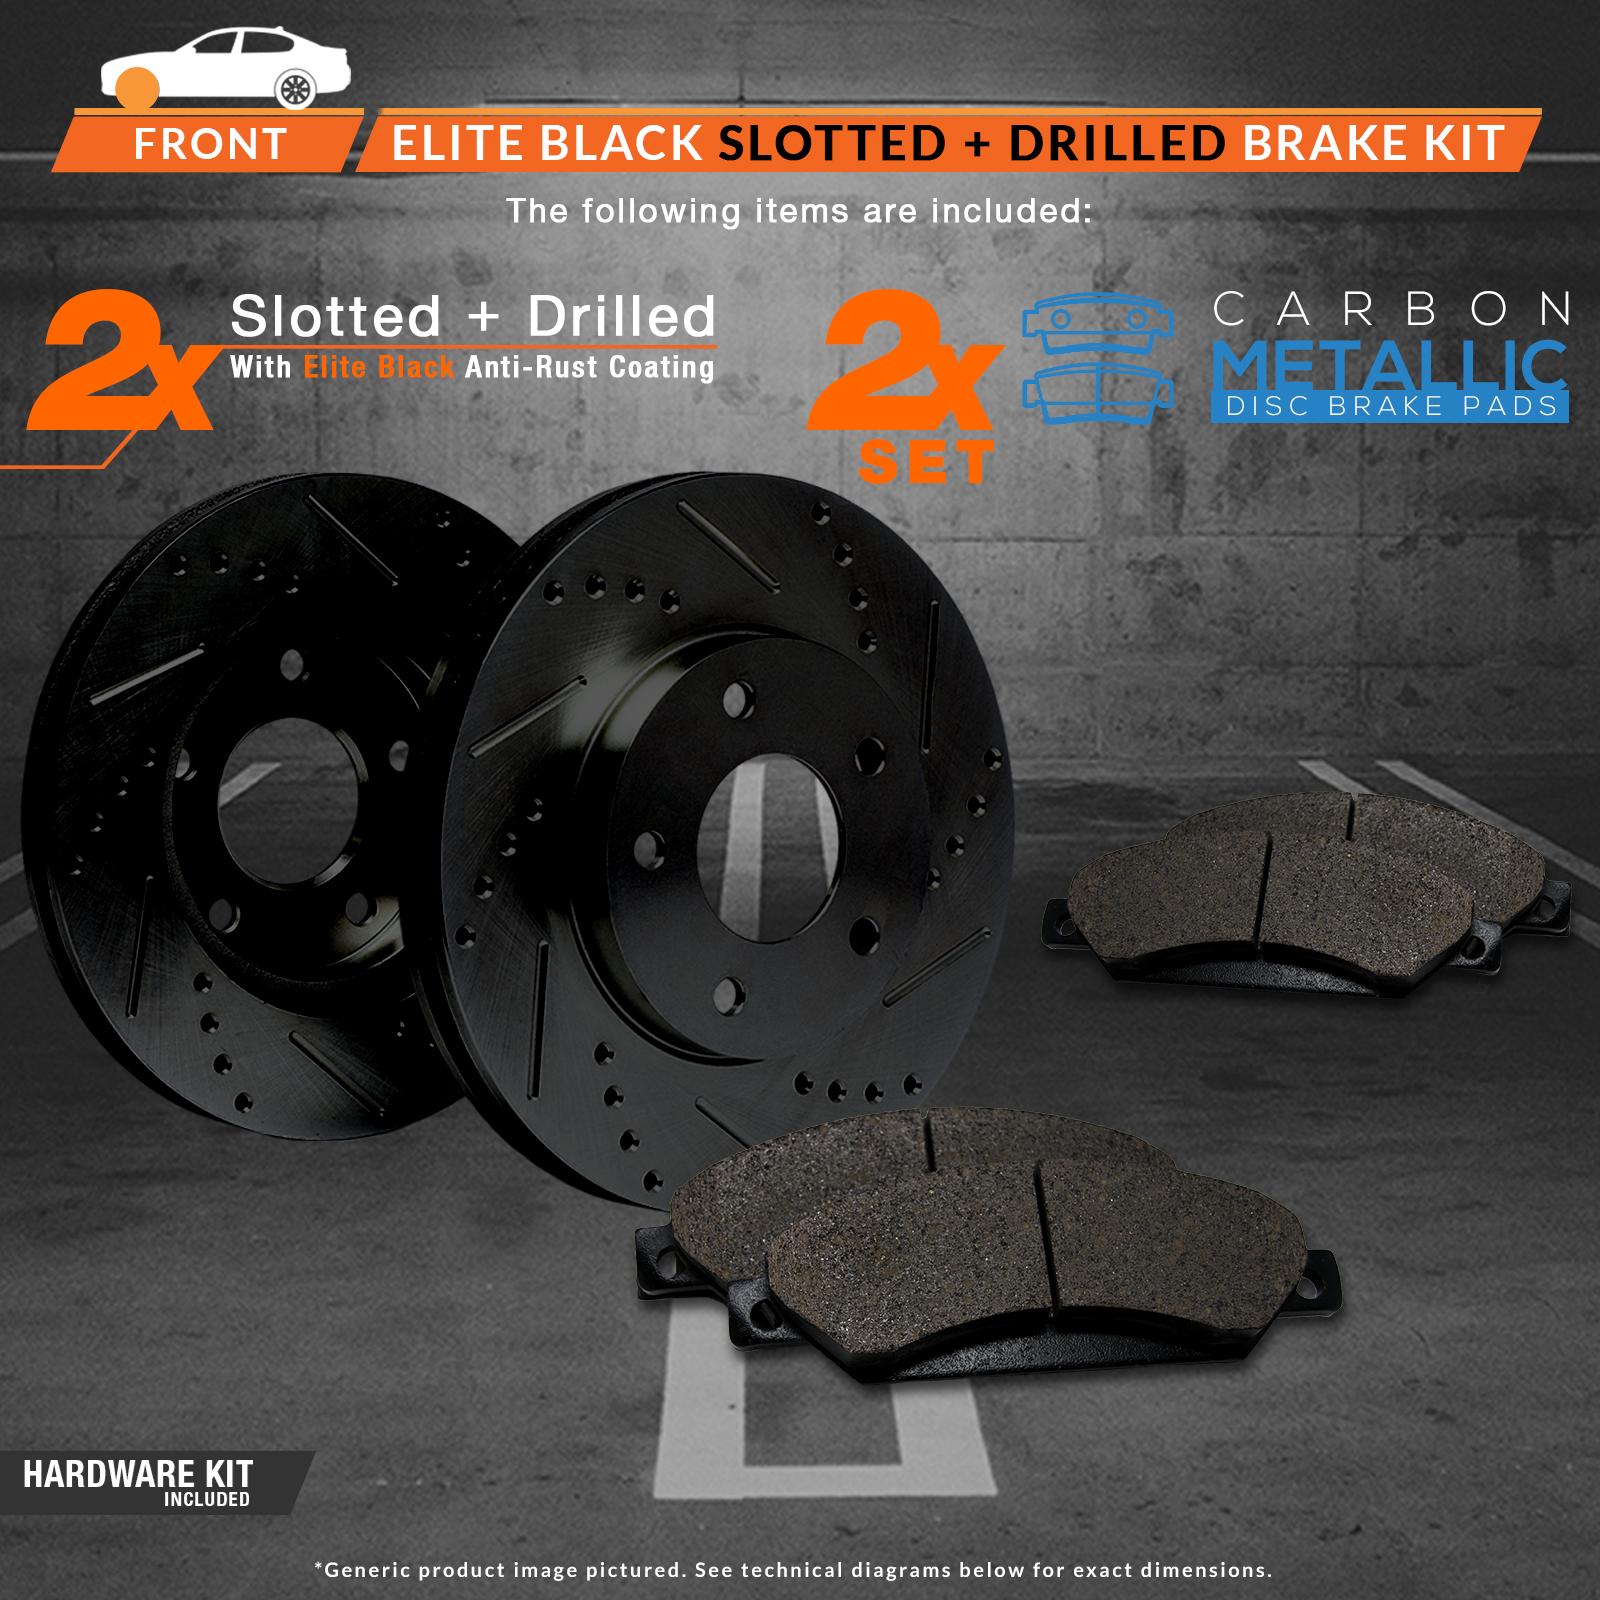 2009 2010 2011 Fits Nissan Maxima Black Slot Drill Rotors Metallic Pads F